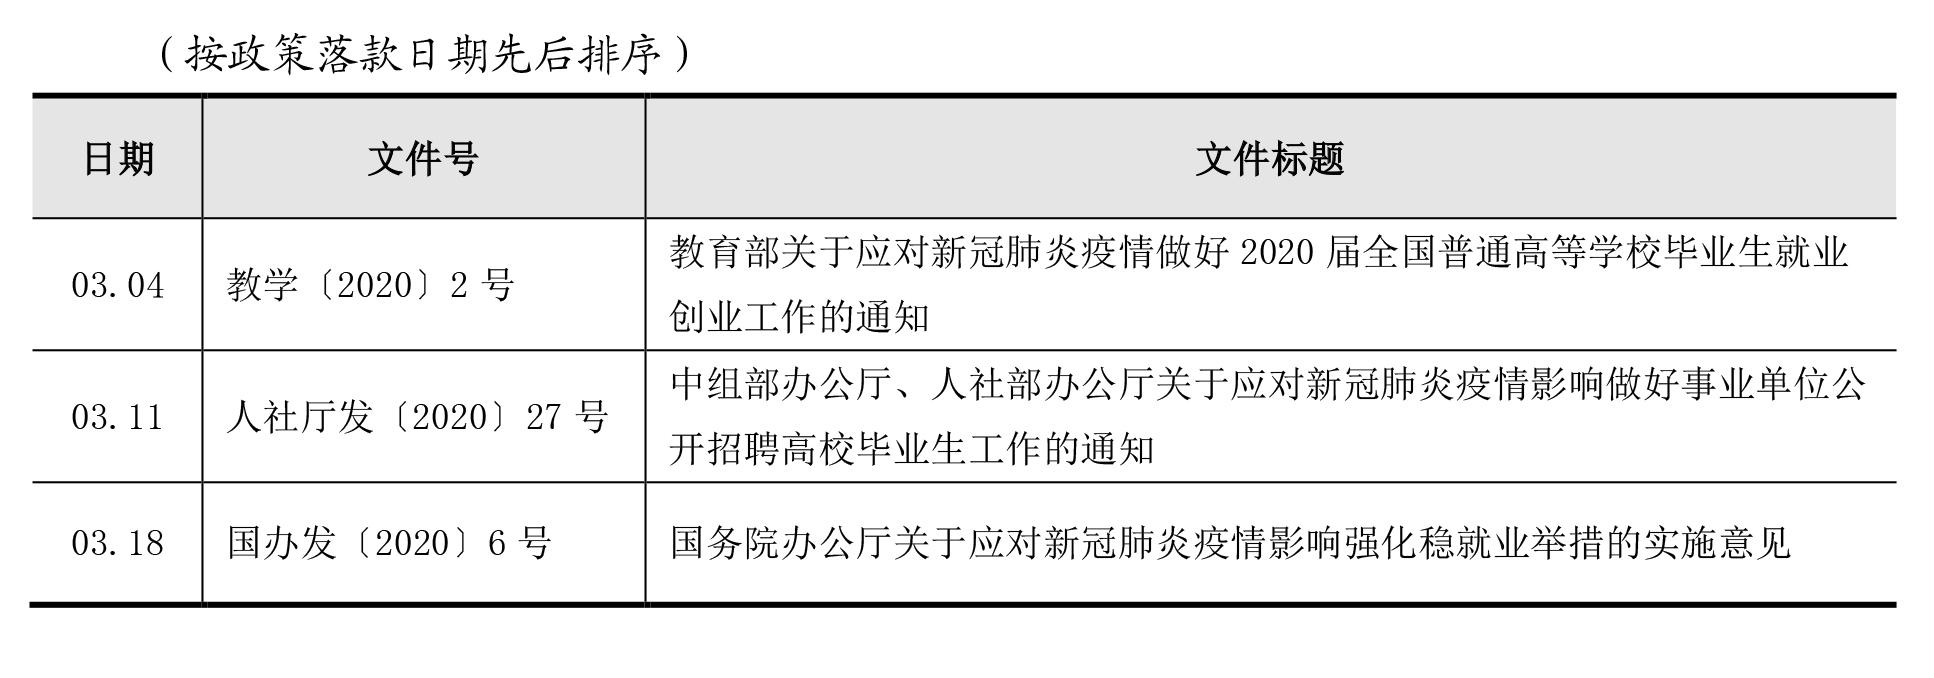 2020年疫情防控期间高校毕业生就业创业新政汇总(截至5月29日)